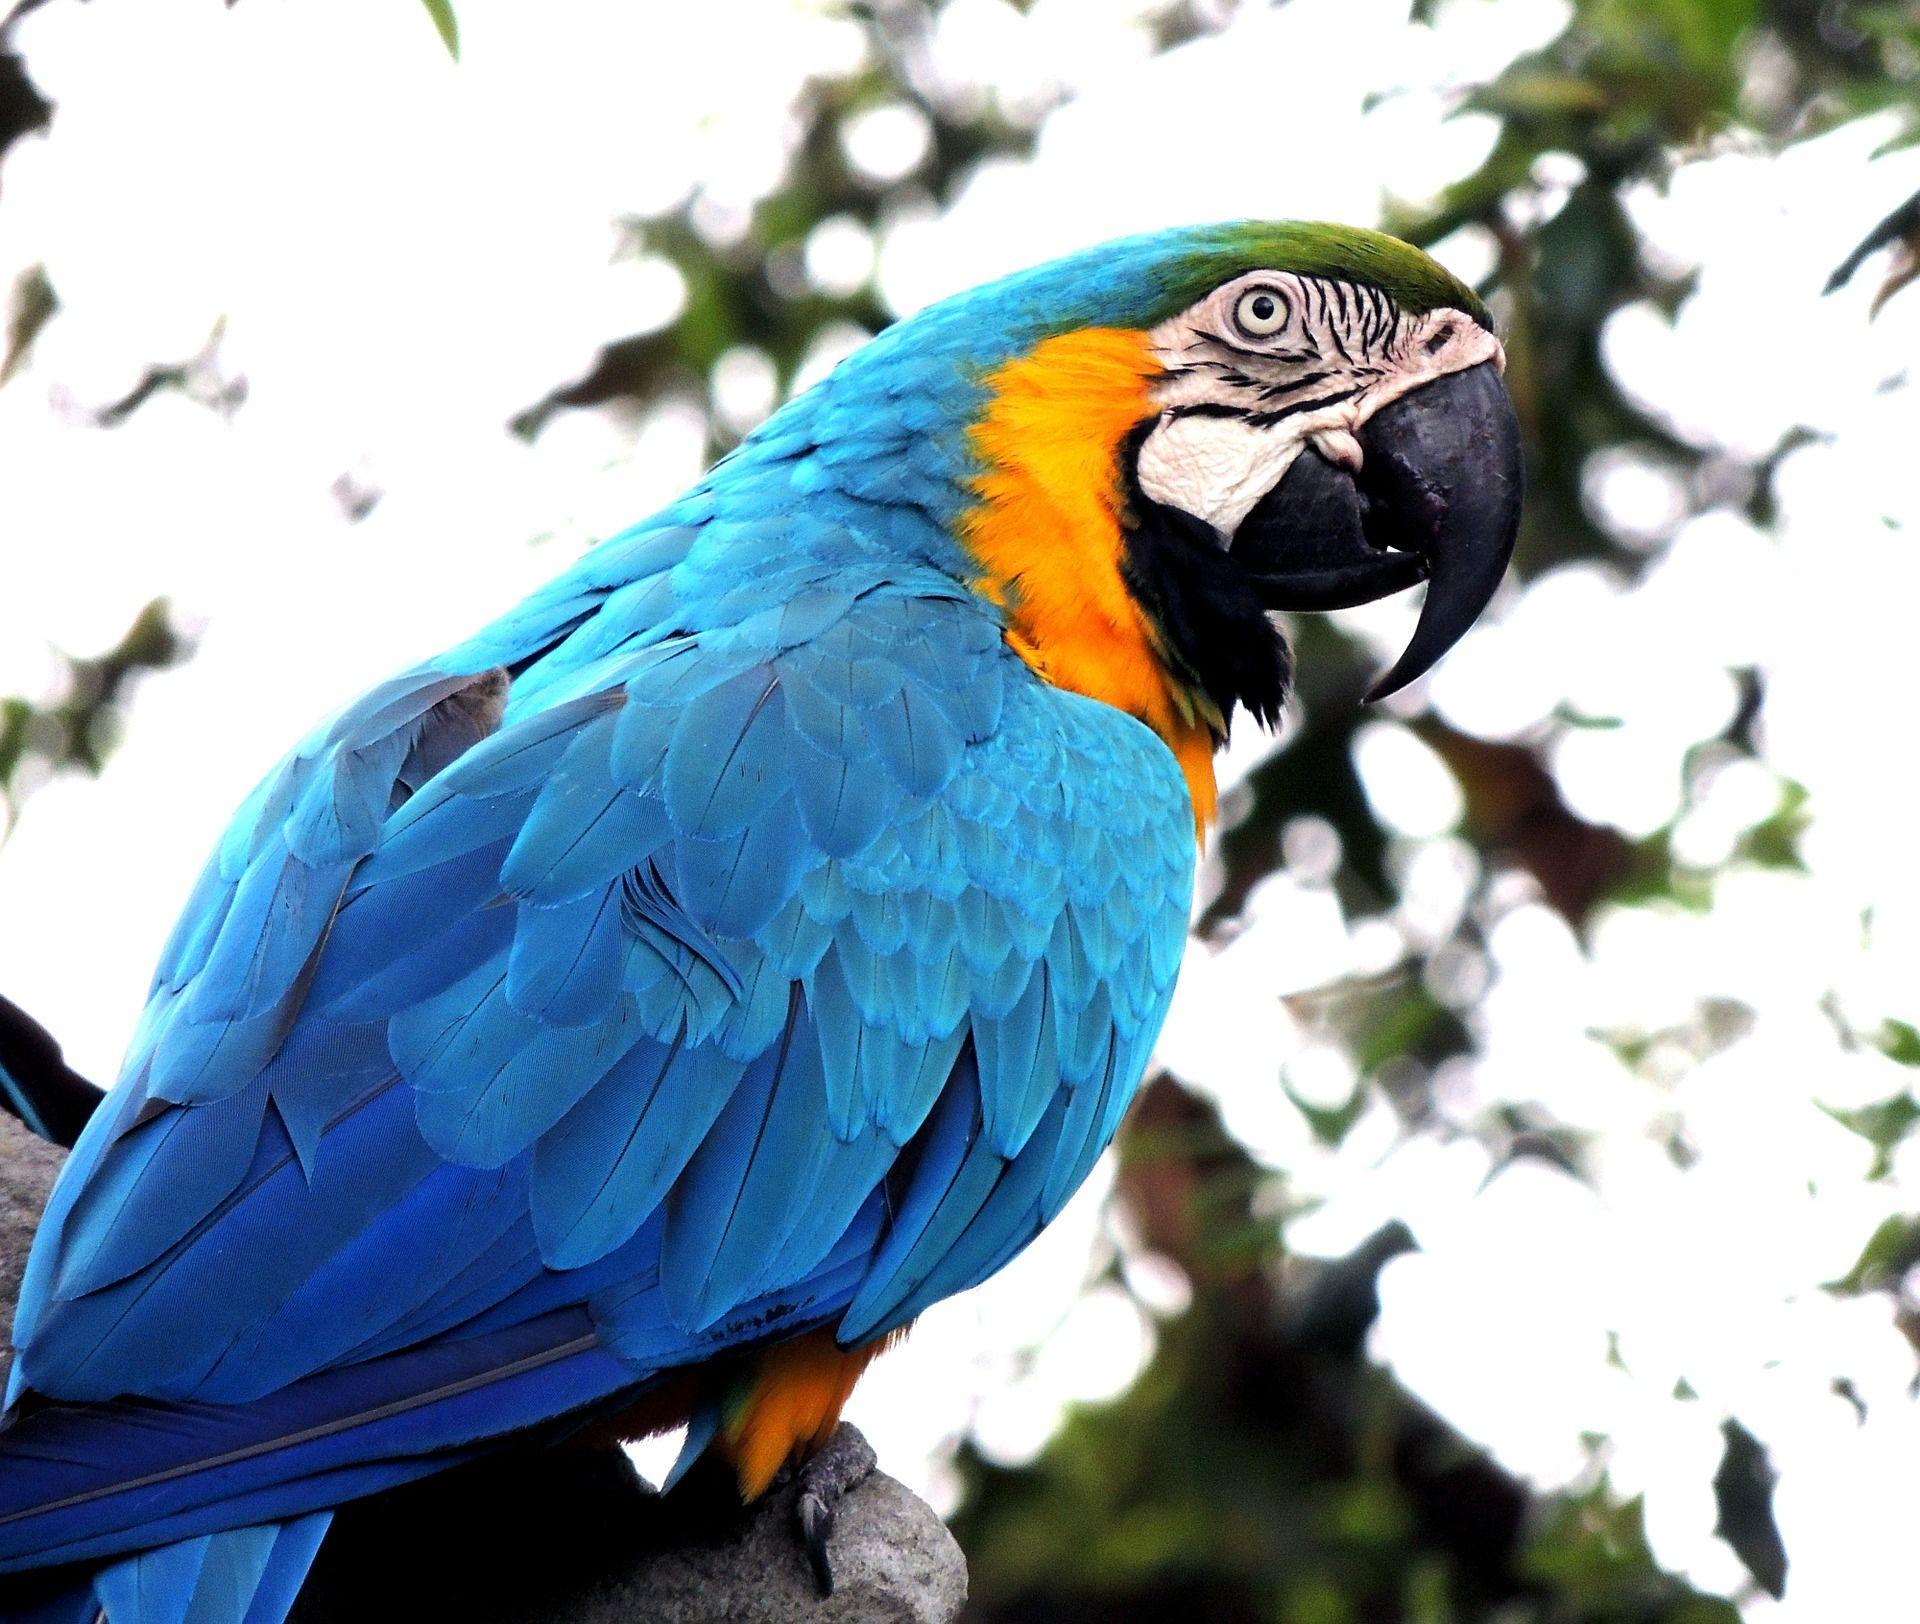 Красивые картинки попугаев (95 фото)